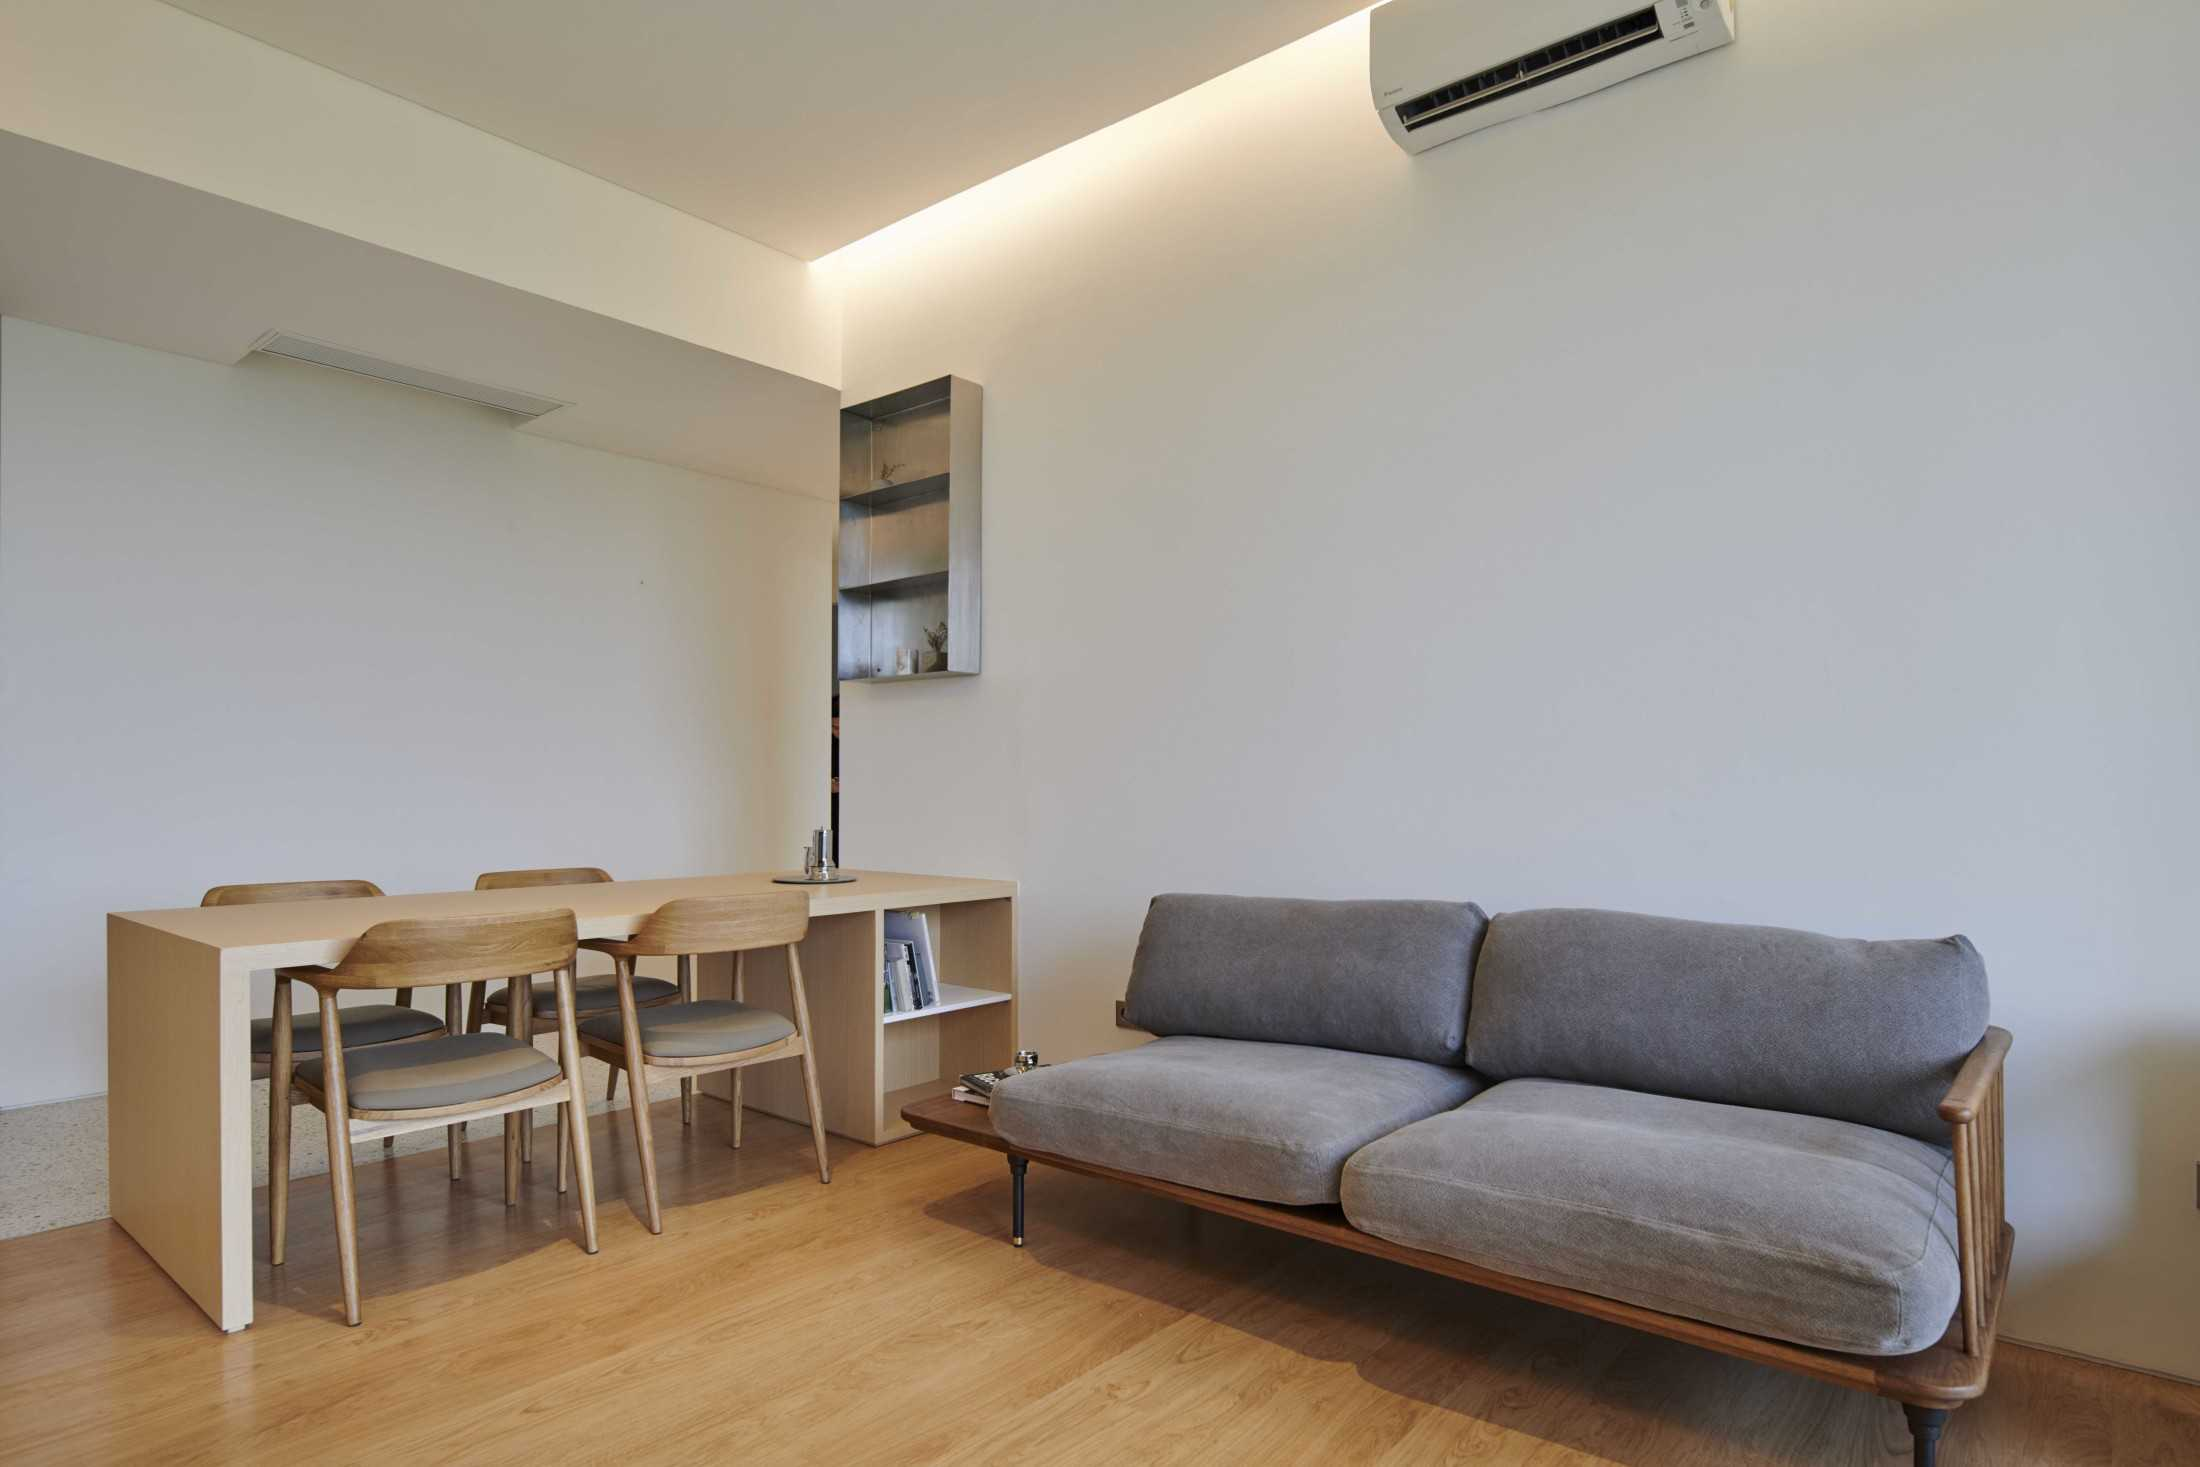 Furnitur dengan warna natural dan elegan, proyek Marigold Apartment karya Design Donk (Sumber: arsitag.com)